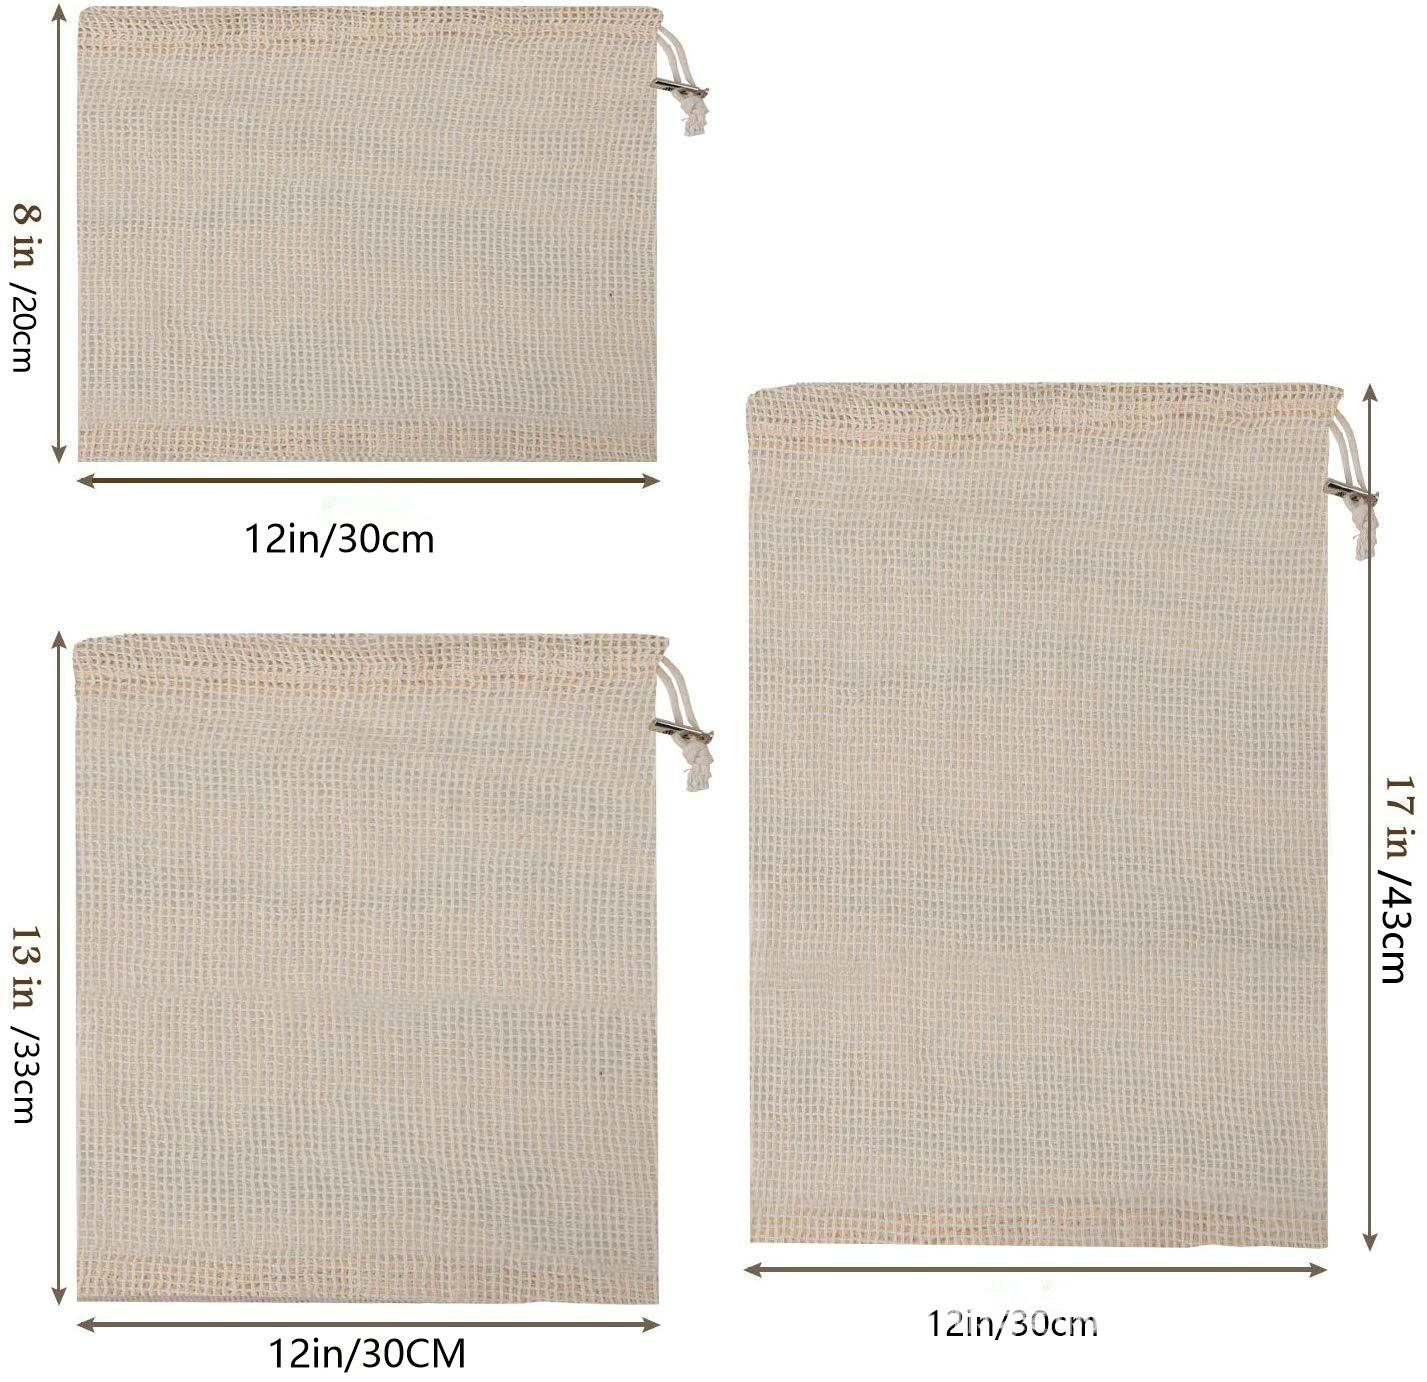 促销特价可以棉网袋米白有机布奇收纳袋棉布袋蔬菜水果